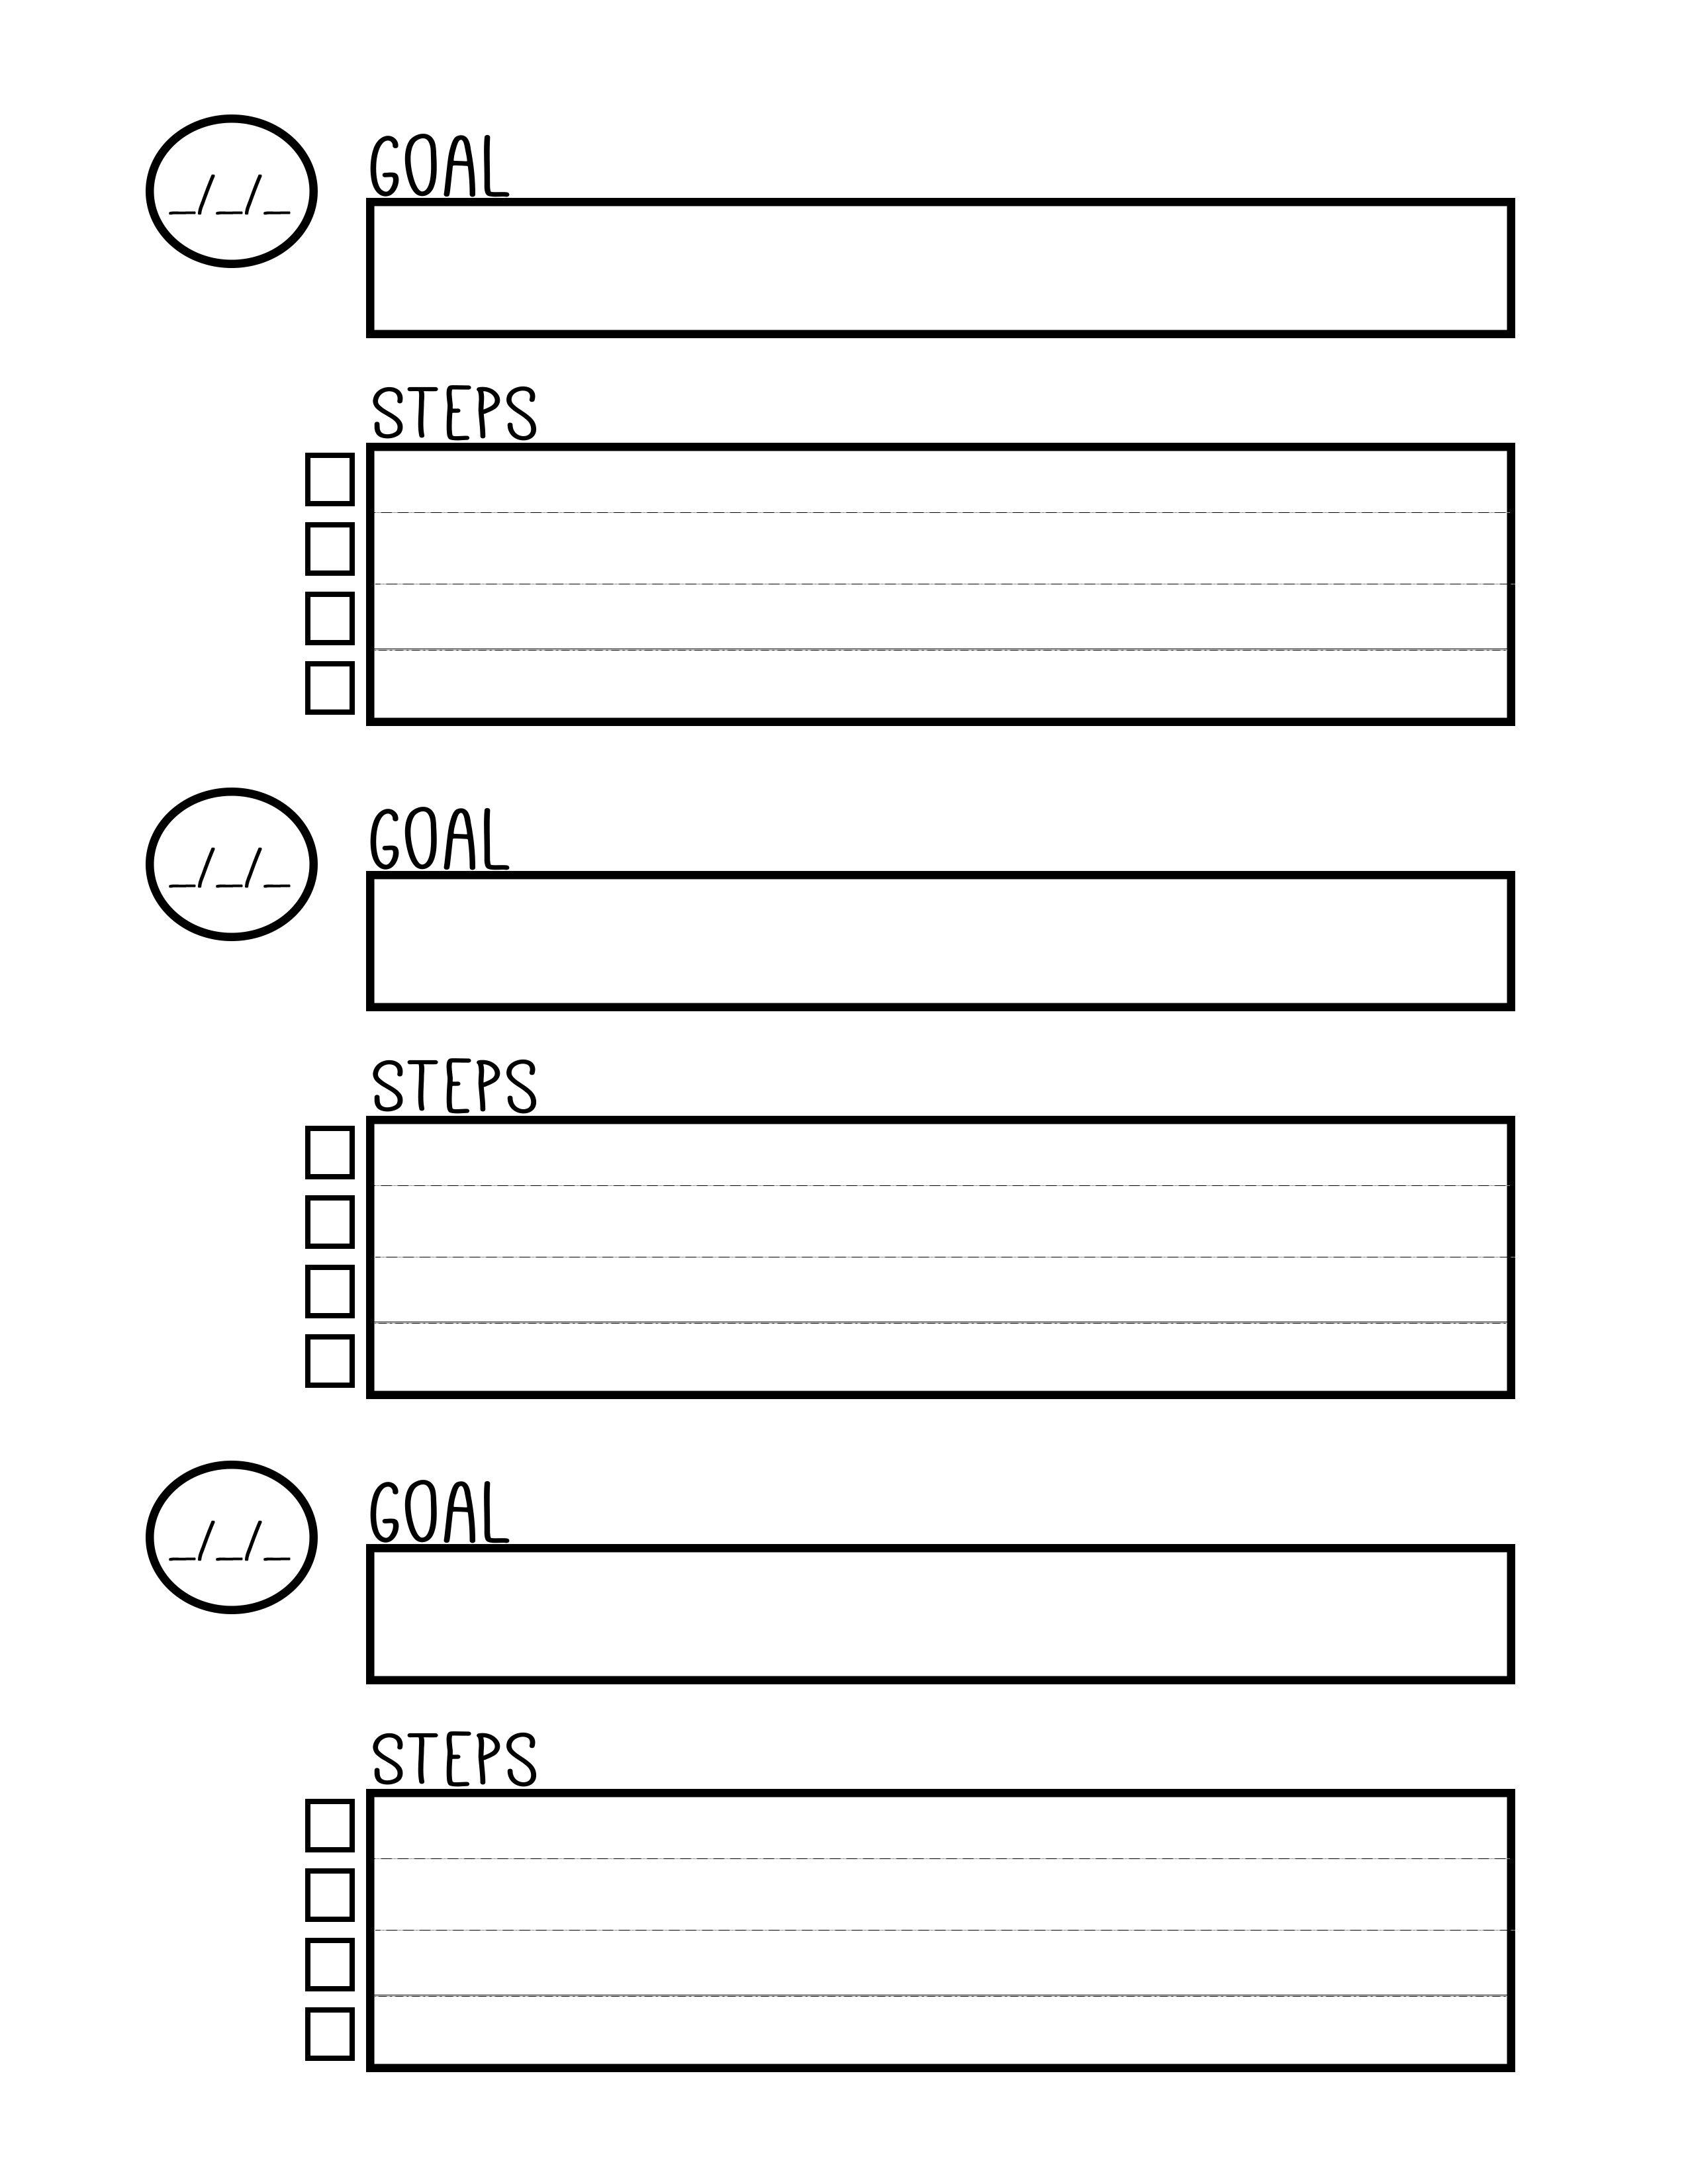 Free Printable Goal Setting Worksheet - Planner … | Education | Printable Goal Setting Worksheet For High School Students